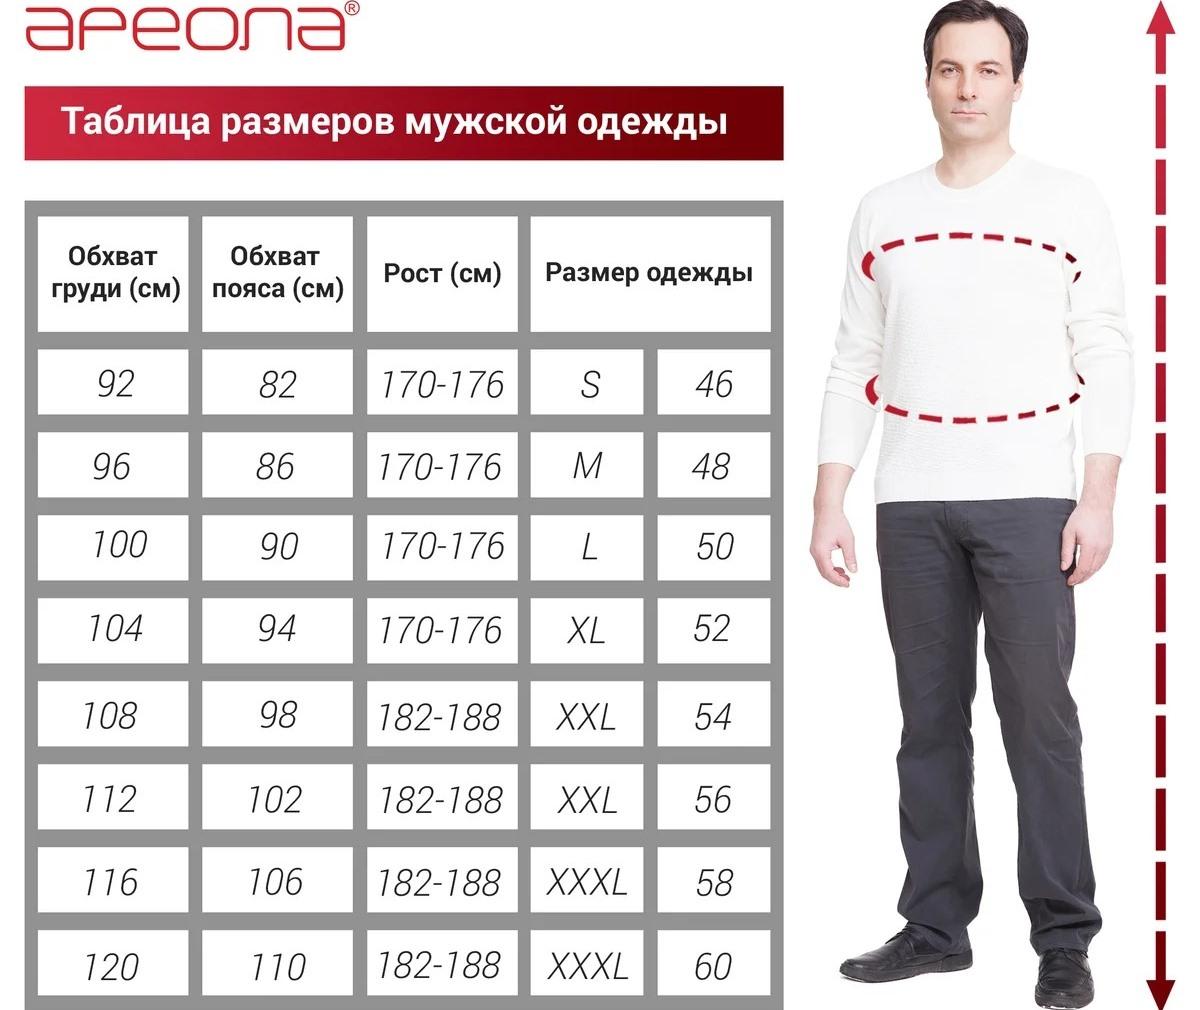 Мужские модельные параметры заработать онлайн нягань